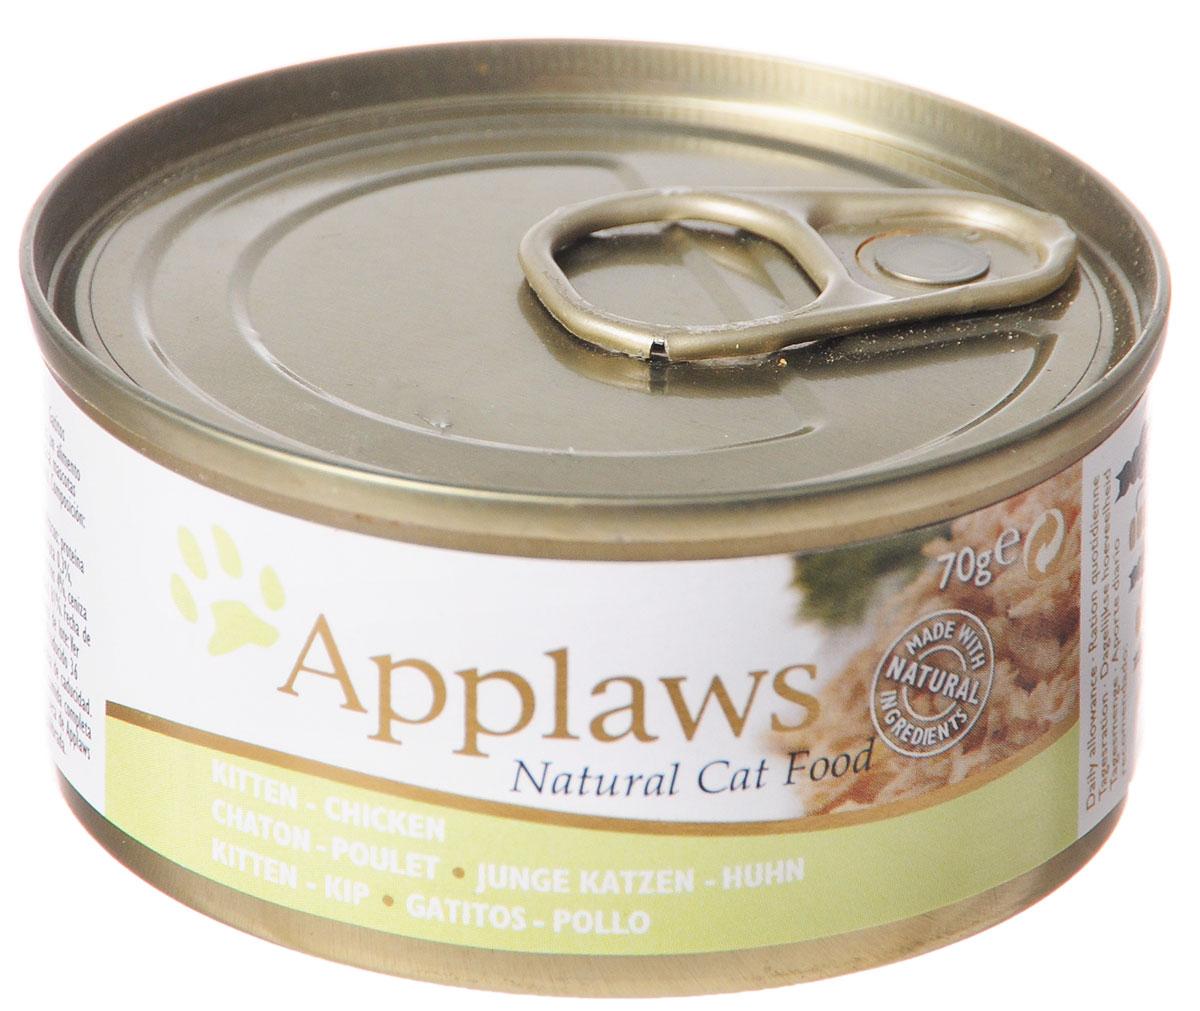 Консервы для котят Applaws, с курицей, 70 г24325Каждая баночка Applaws содержит порцию свежего мяса, приготовленного в собственном бульоне. Для приготовления любого типа консервов используется мясо животных свободного выгула, выращенных на фермах Англии. В состав каждого рецепта входит только три/четыре основных ингредиента и ничего более. Не содержит ГМО, синтетических консервантов или красителей. Не содержит вкусовых добавок. Состав: филе куриной грудки 28%, рис, минералы. Анализ: белок 11%, клетчатка 0,3%, жиры 4%, зола 2%, влага 81%. Товар сертифицирован.